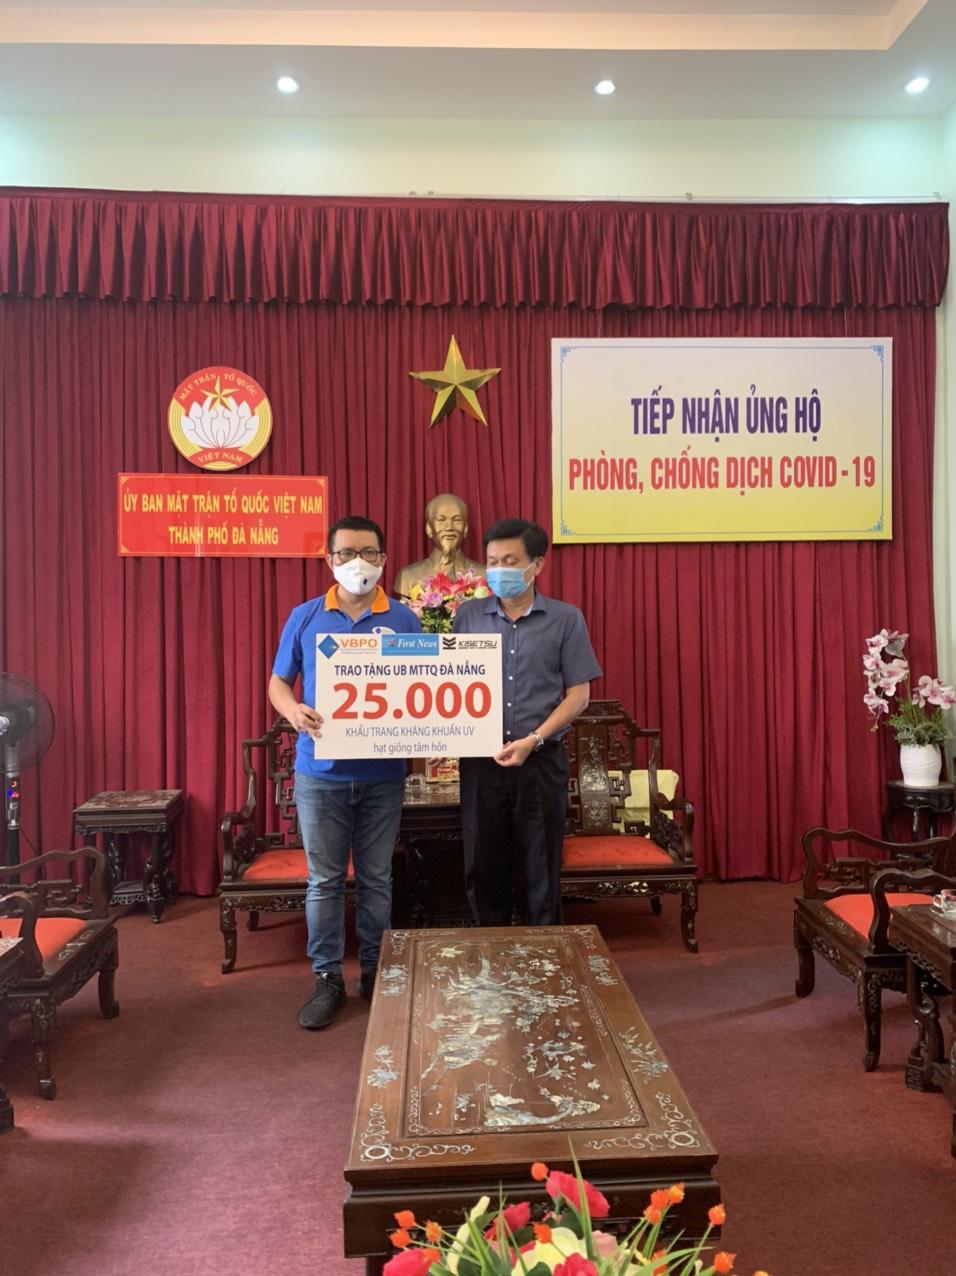 First News và các doanh nghiệp tặng 25.000 khẩu trang vải và sách cho người dân Đà Nẵng - Ảnh 1.